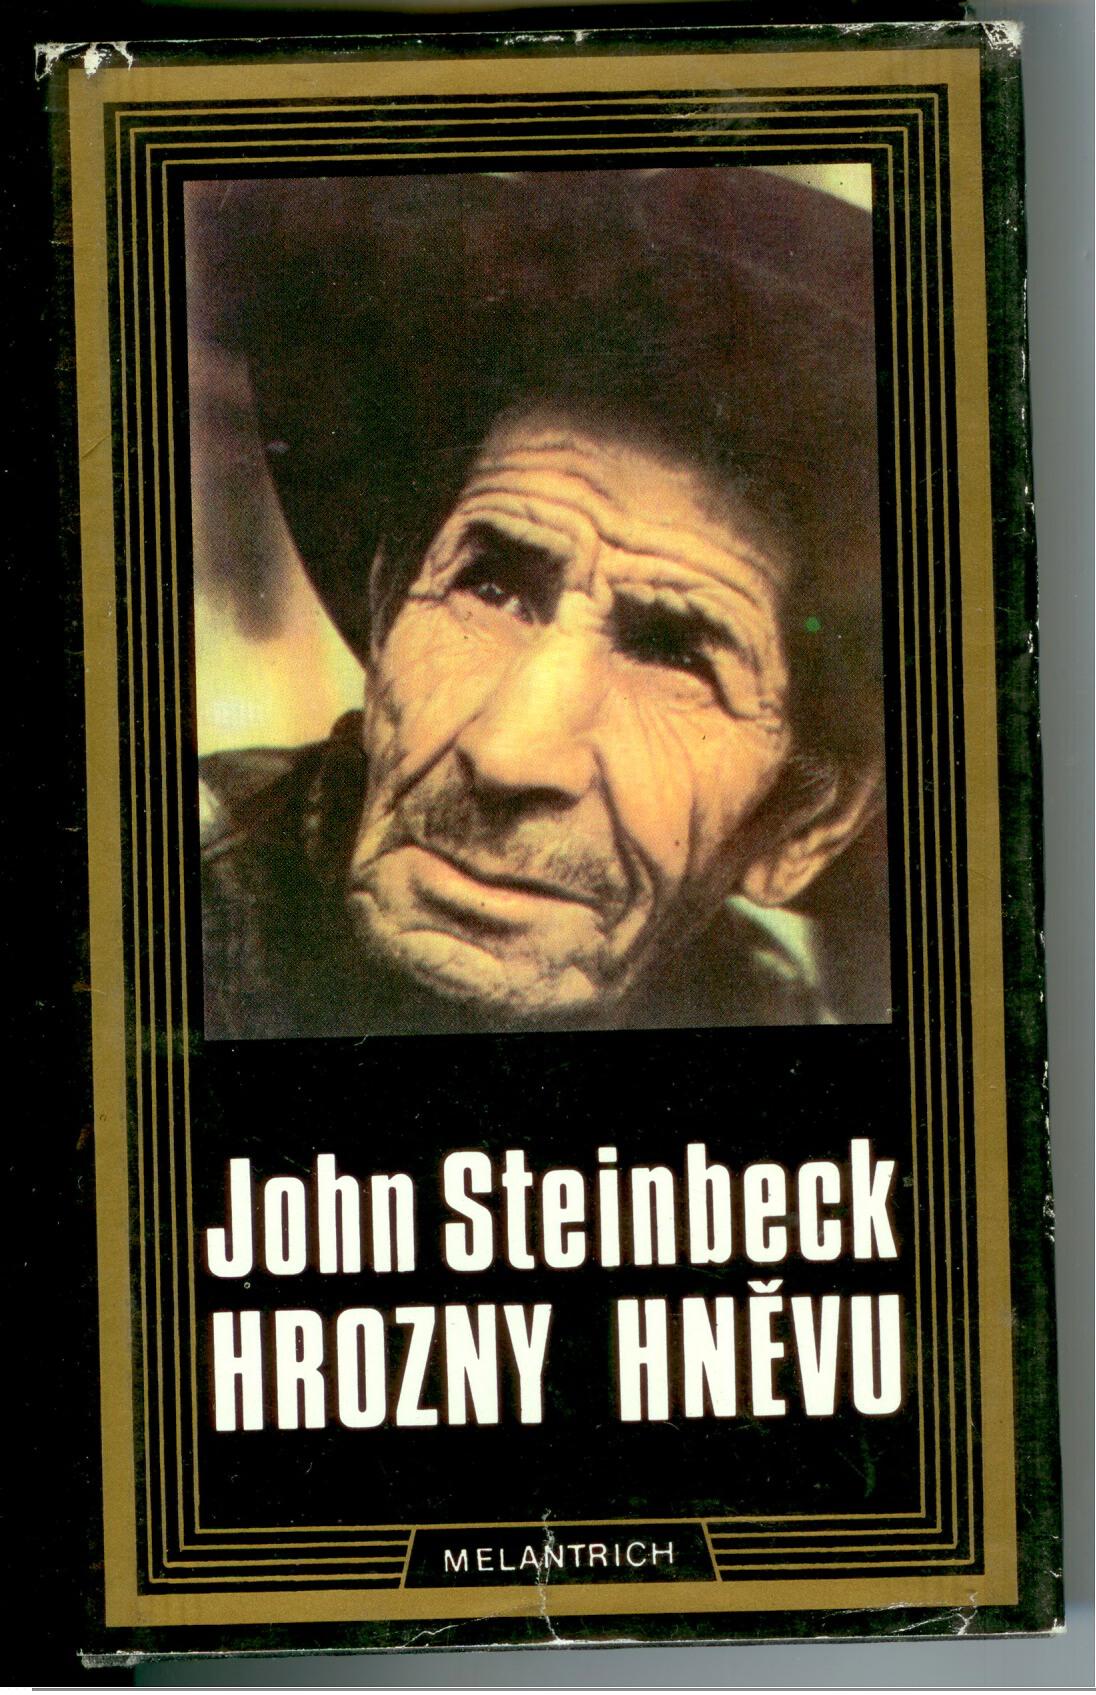 Hrozny hněvu - John Steinbeck